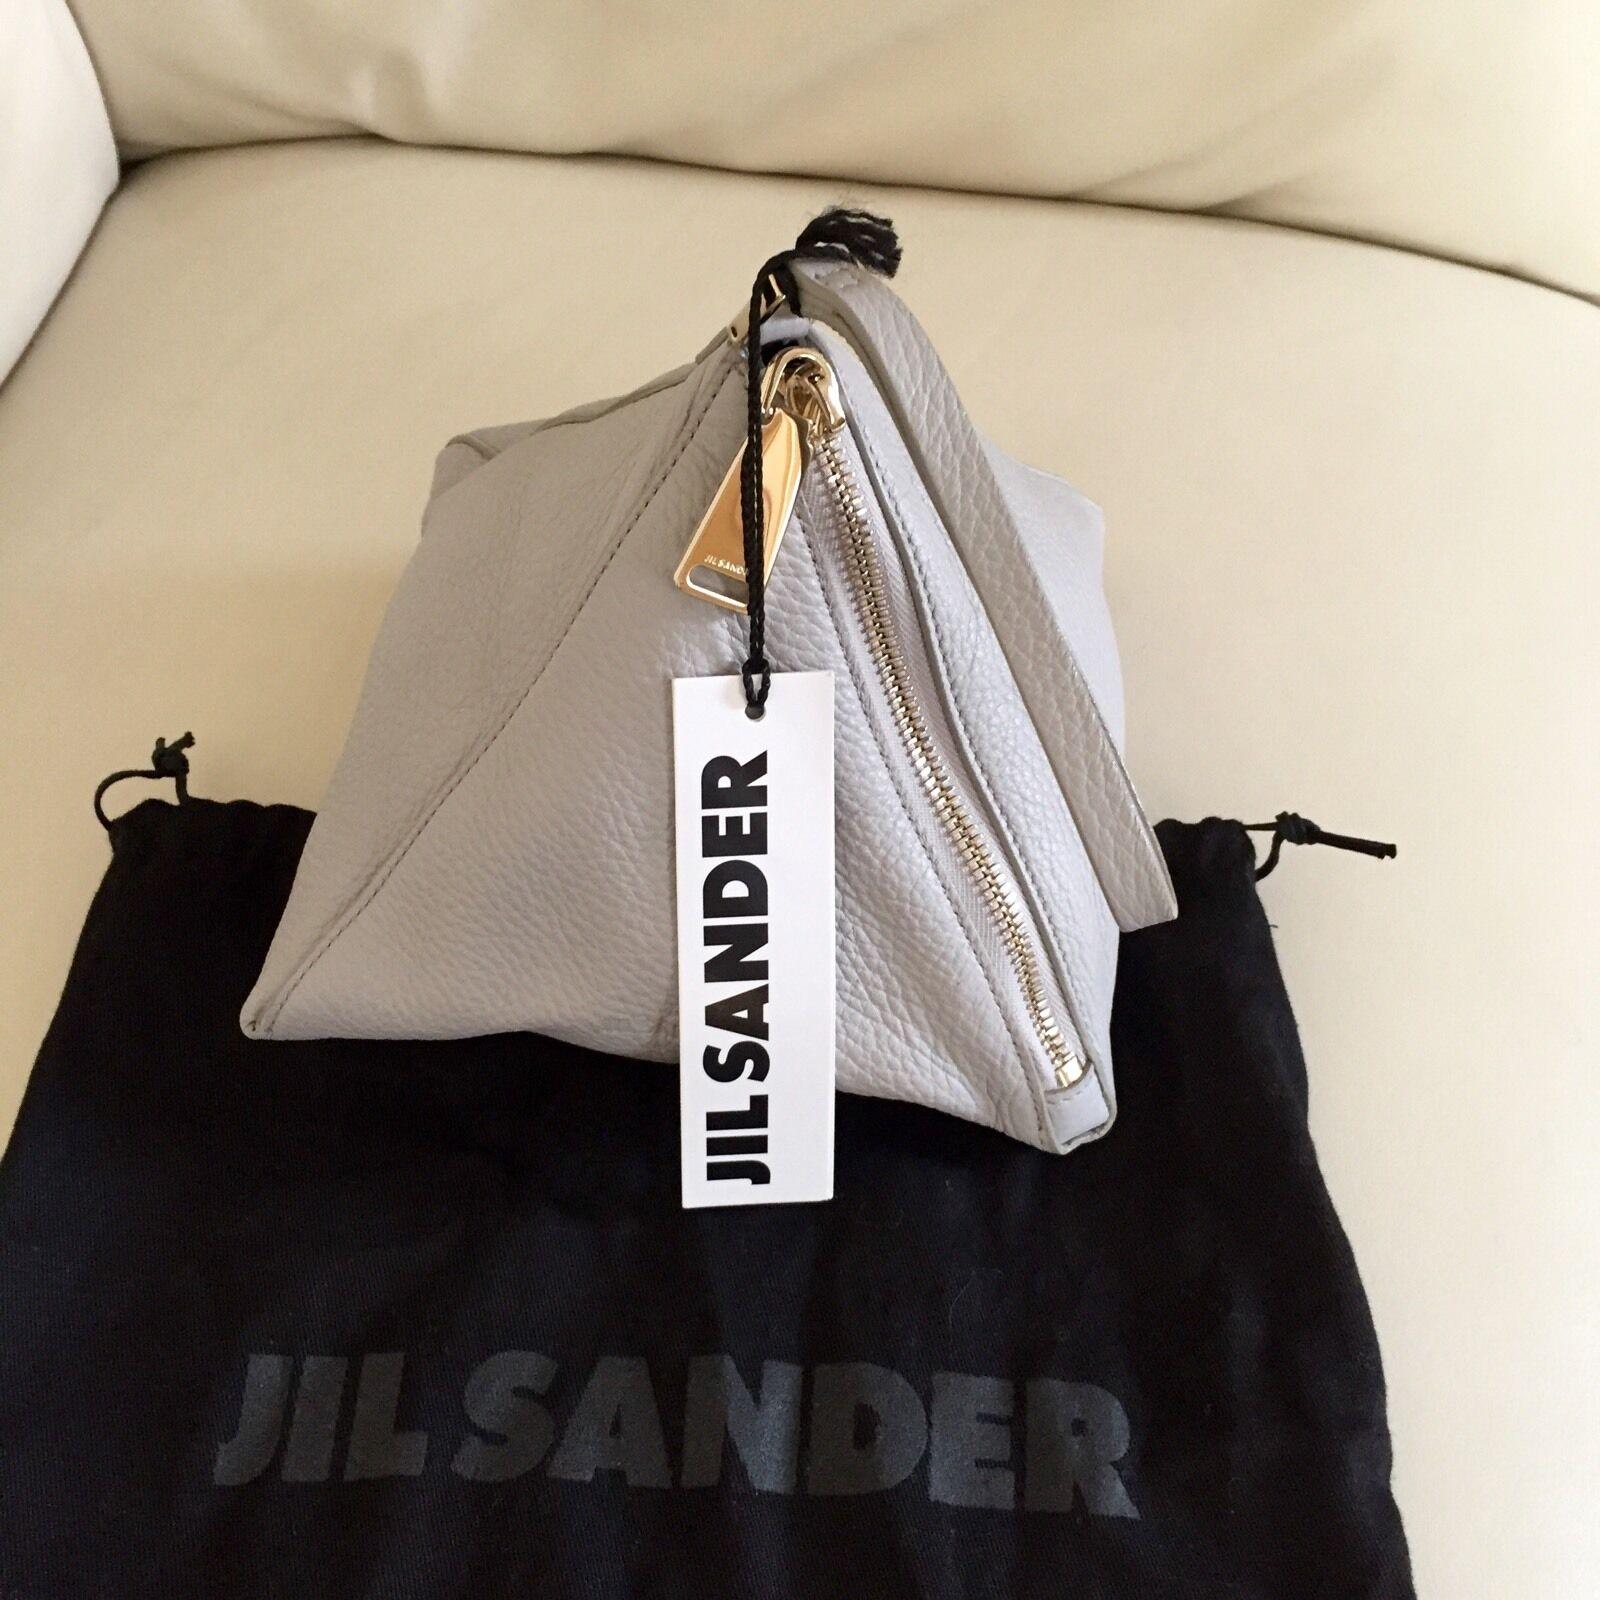 Neu  Jil Sander Sander Sander Leder Pyramide Clutch | Preisreduktion  | Überlegen  | Schön geformt  84dd99